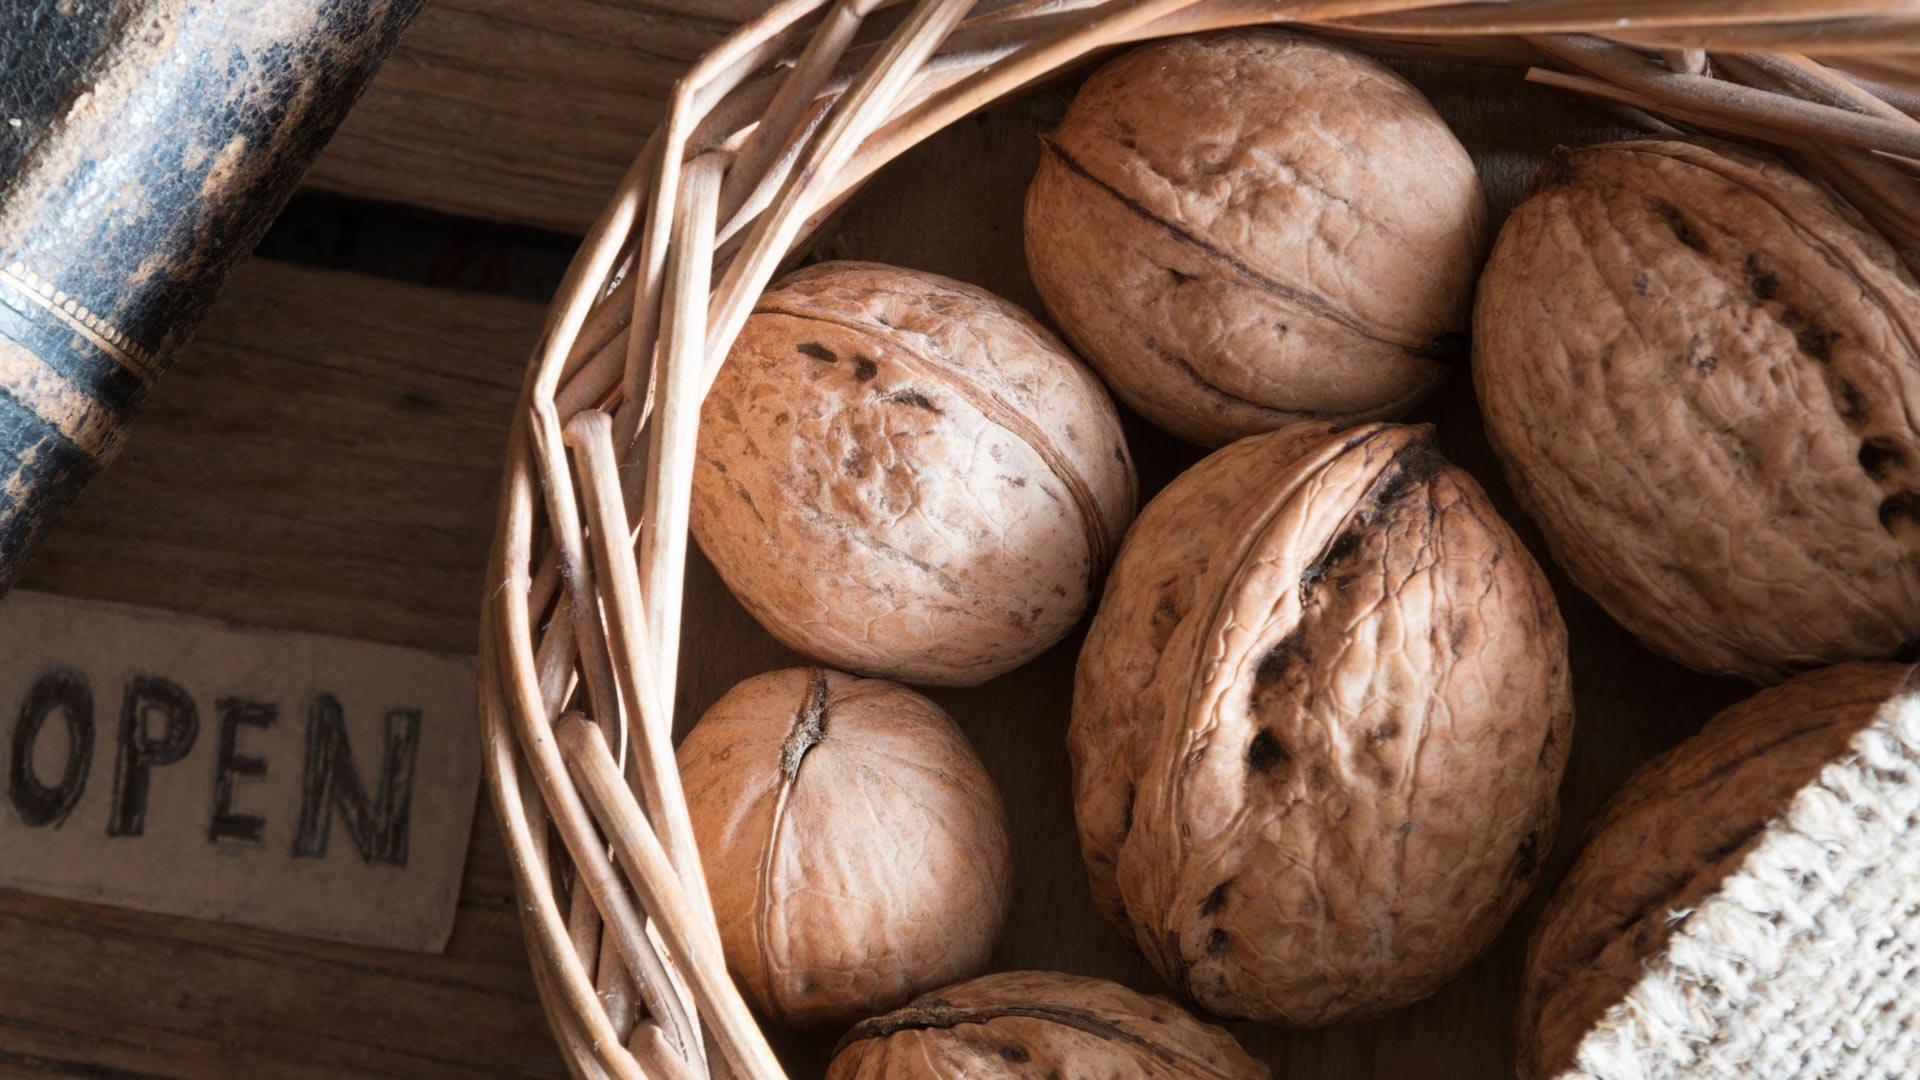 Wonders of walnuts